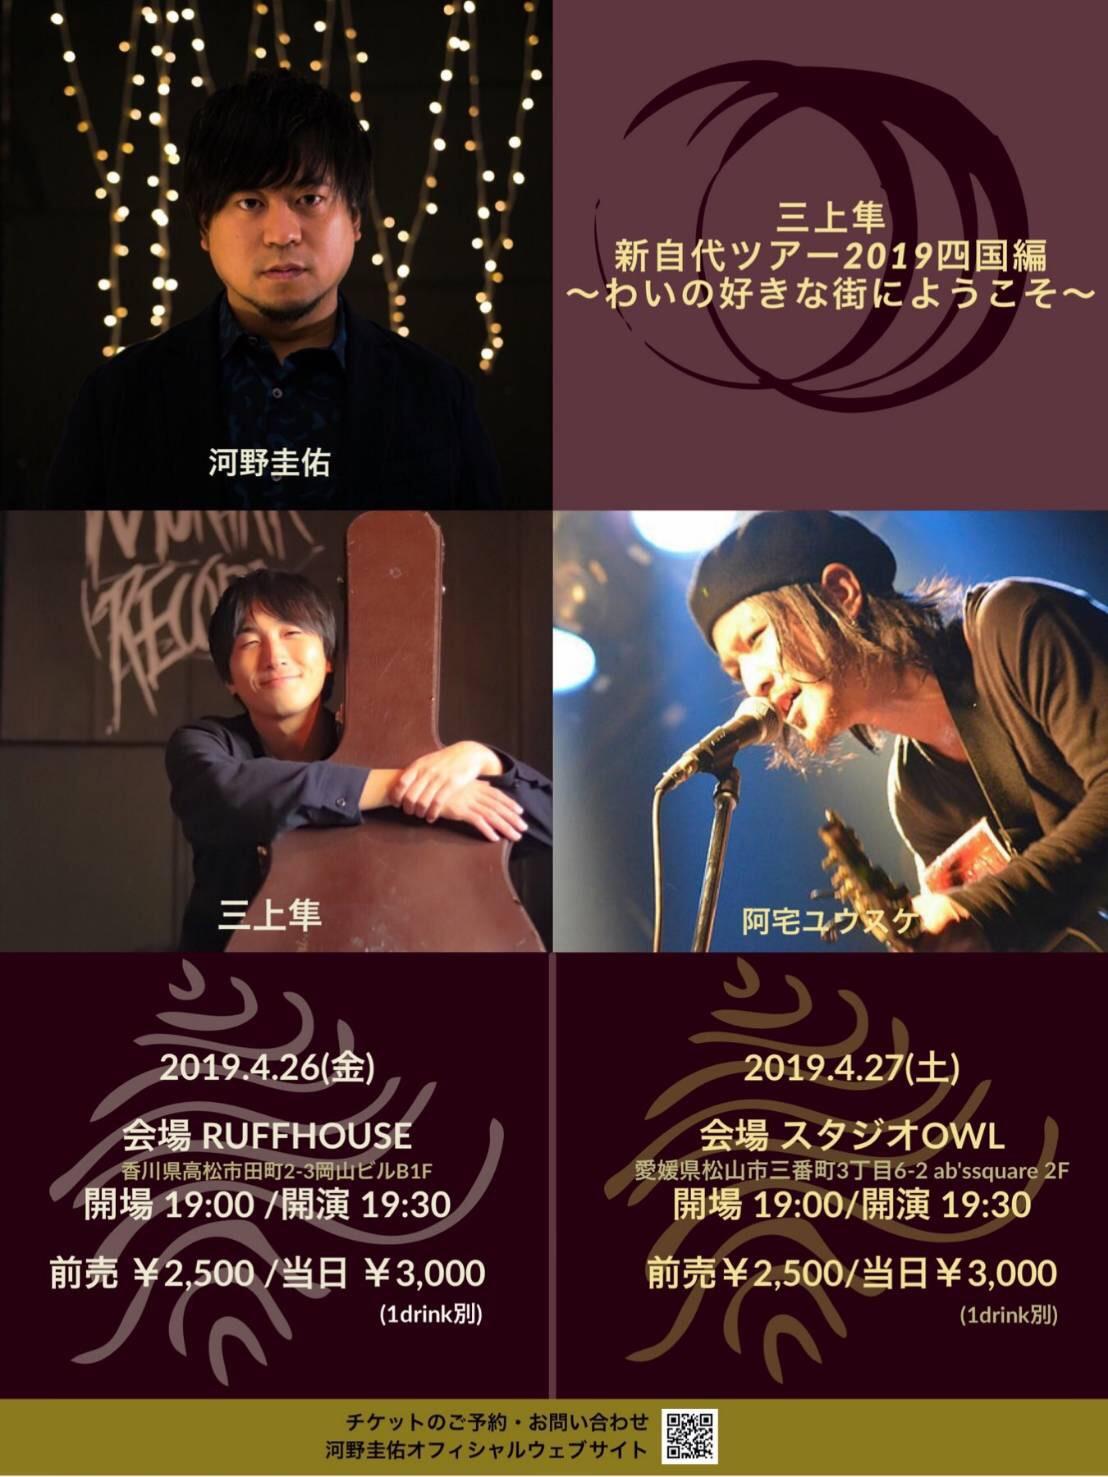 三上隼 新自代ツアー2019 四国編〜わいの好きな街にようこそ〜